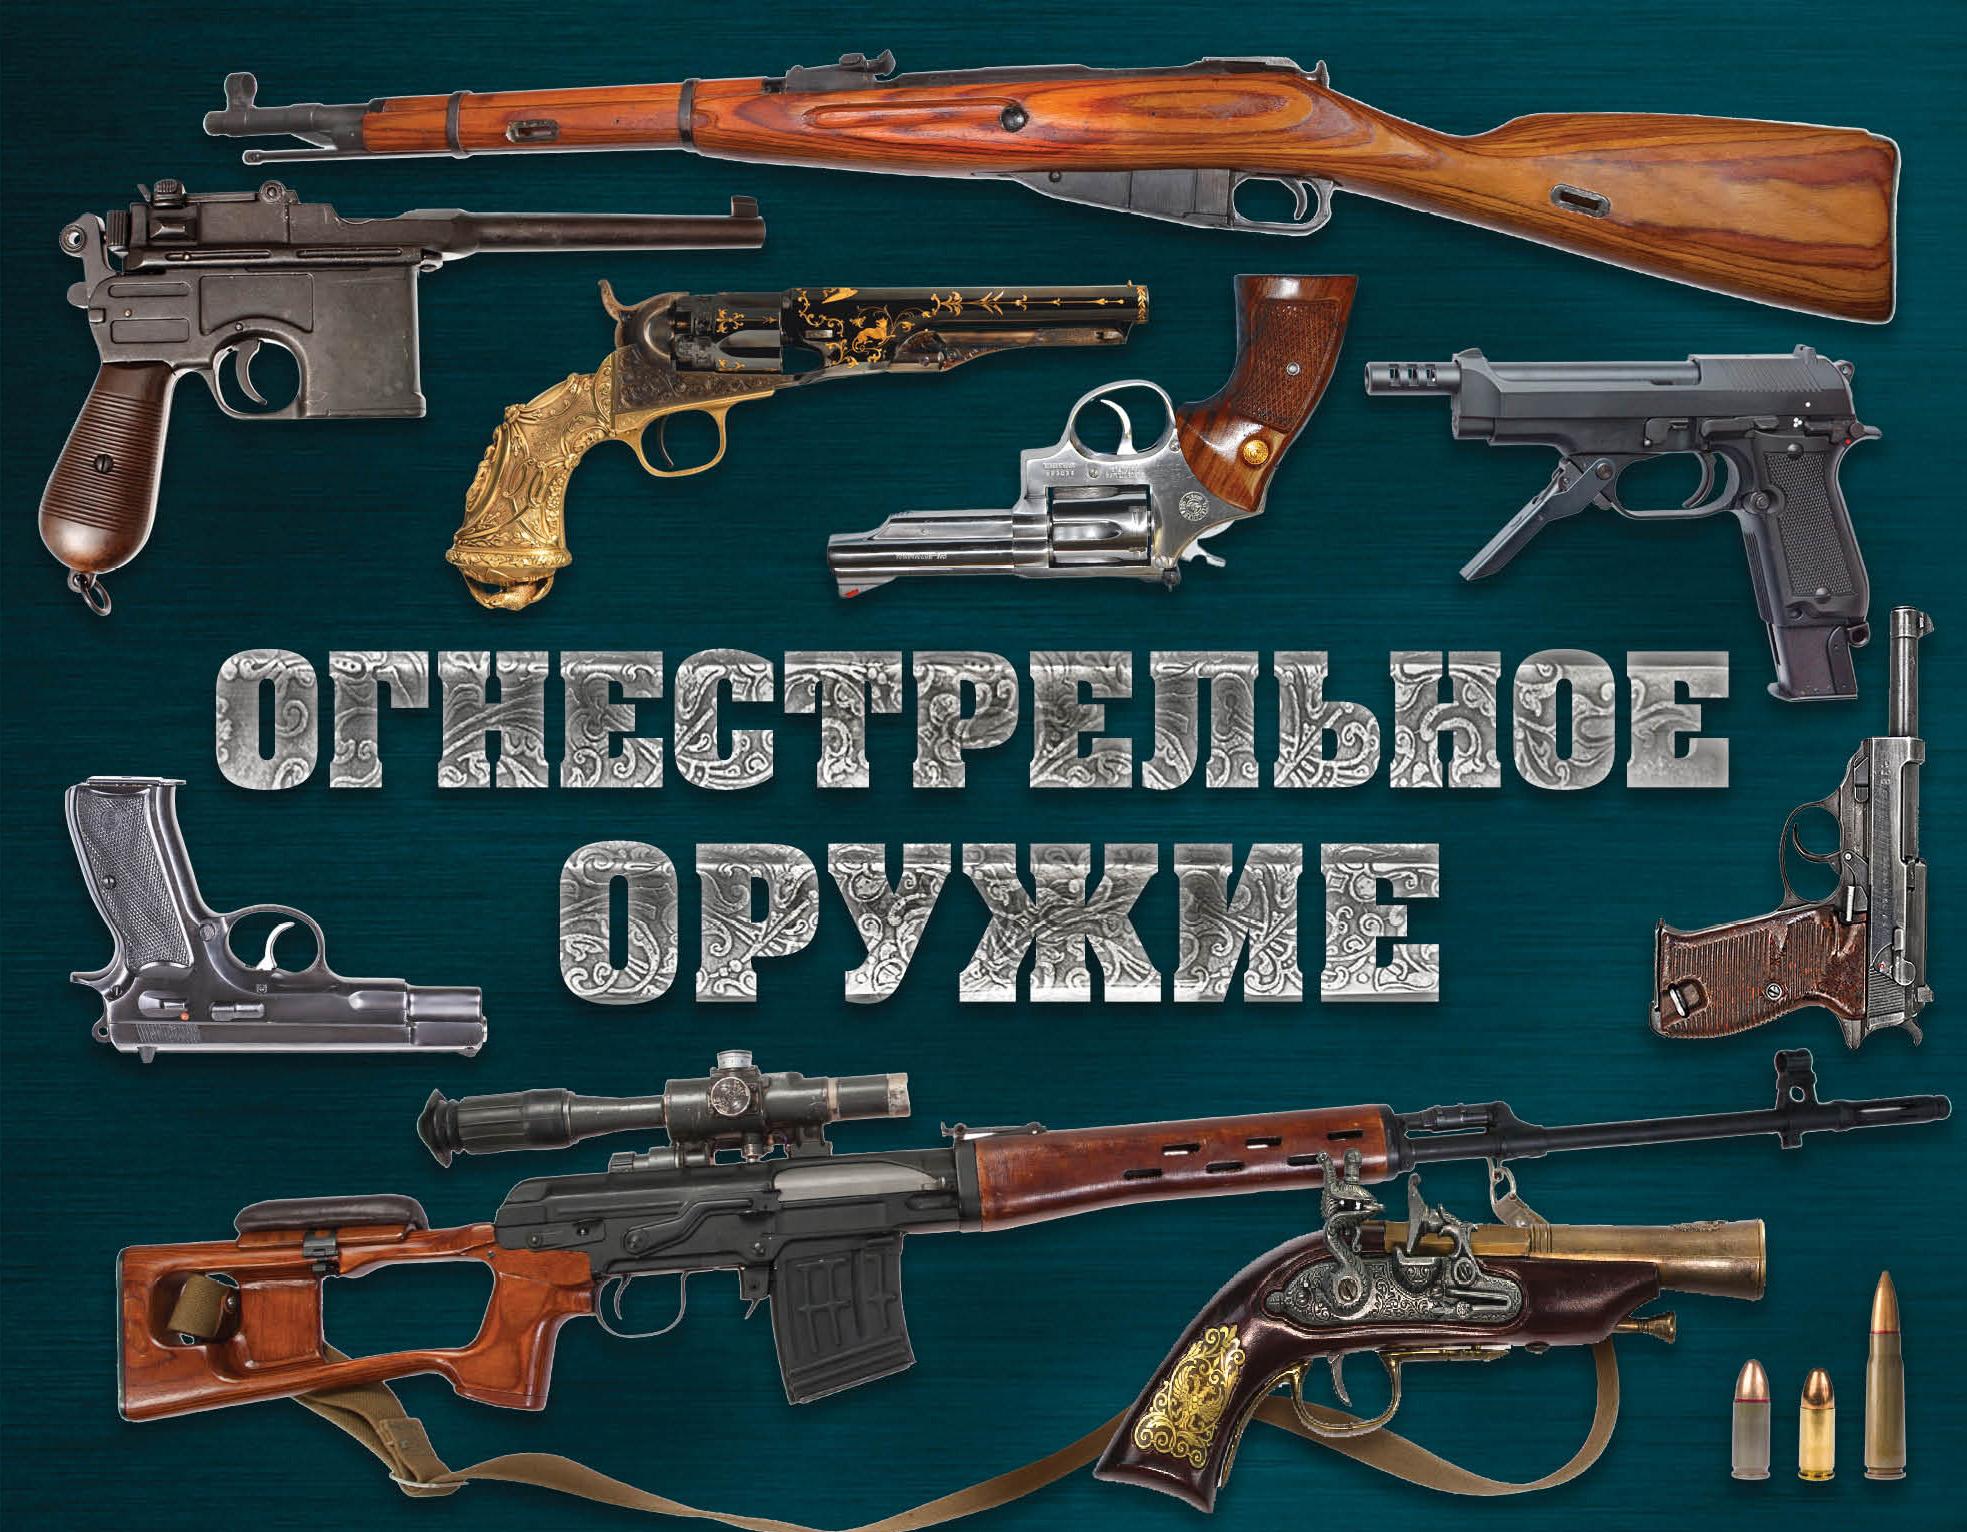 Дмитрий Алексеев Огнестрельное оружие алексеев д огнестрельное оружие мира isbn 9785699834273